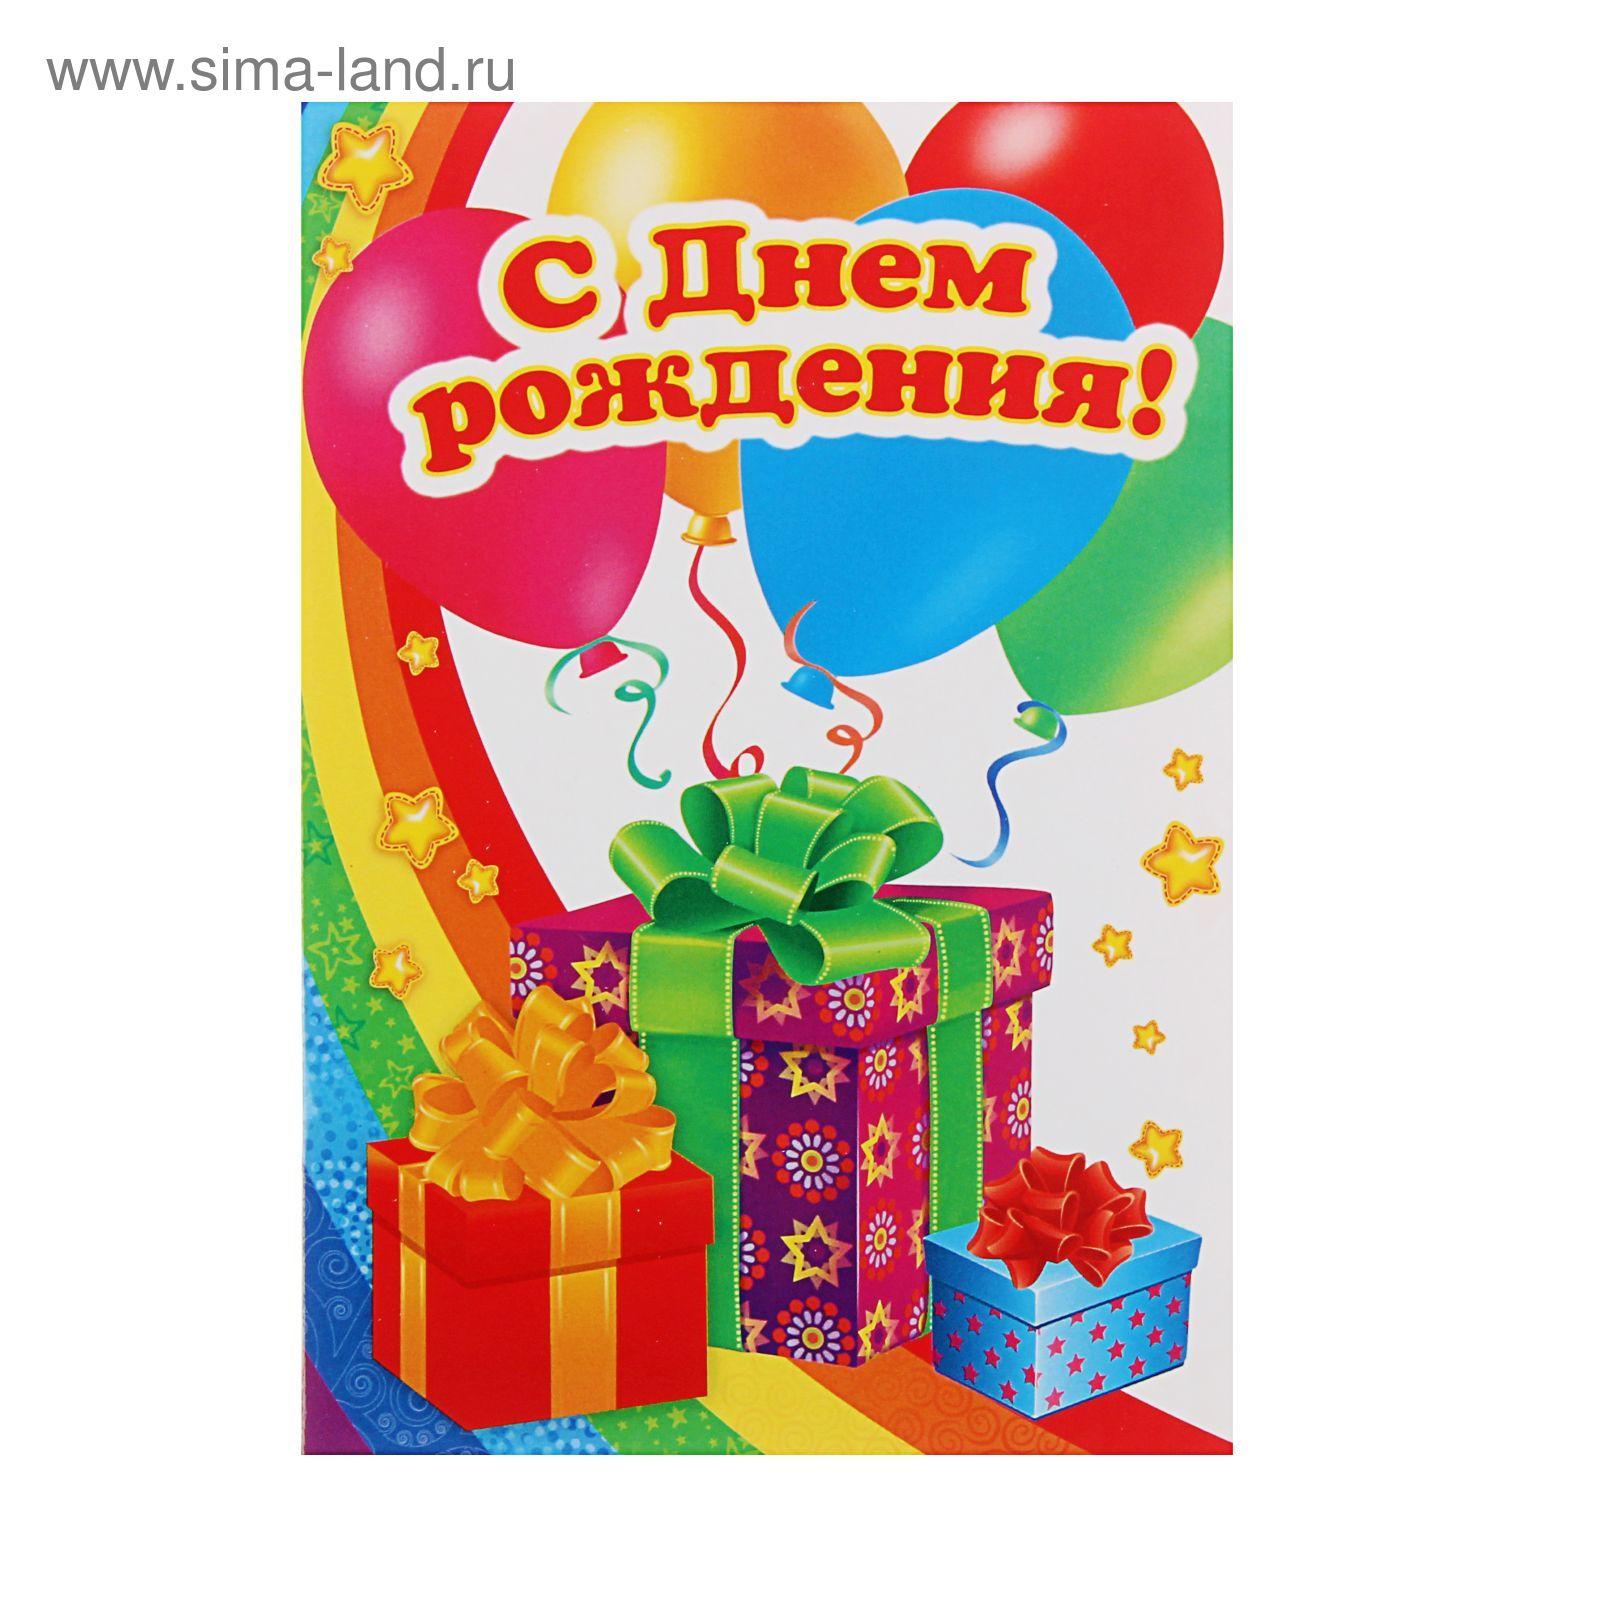 Открытки с шариками и подарками с днем рождения